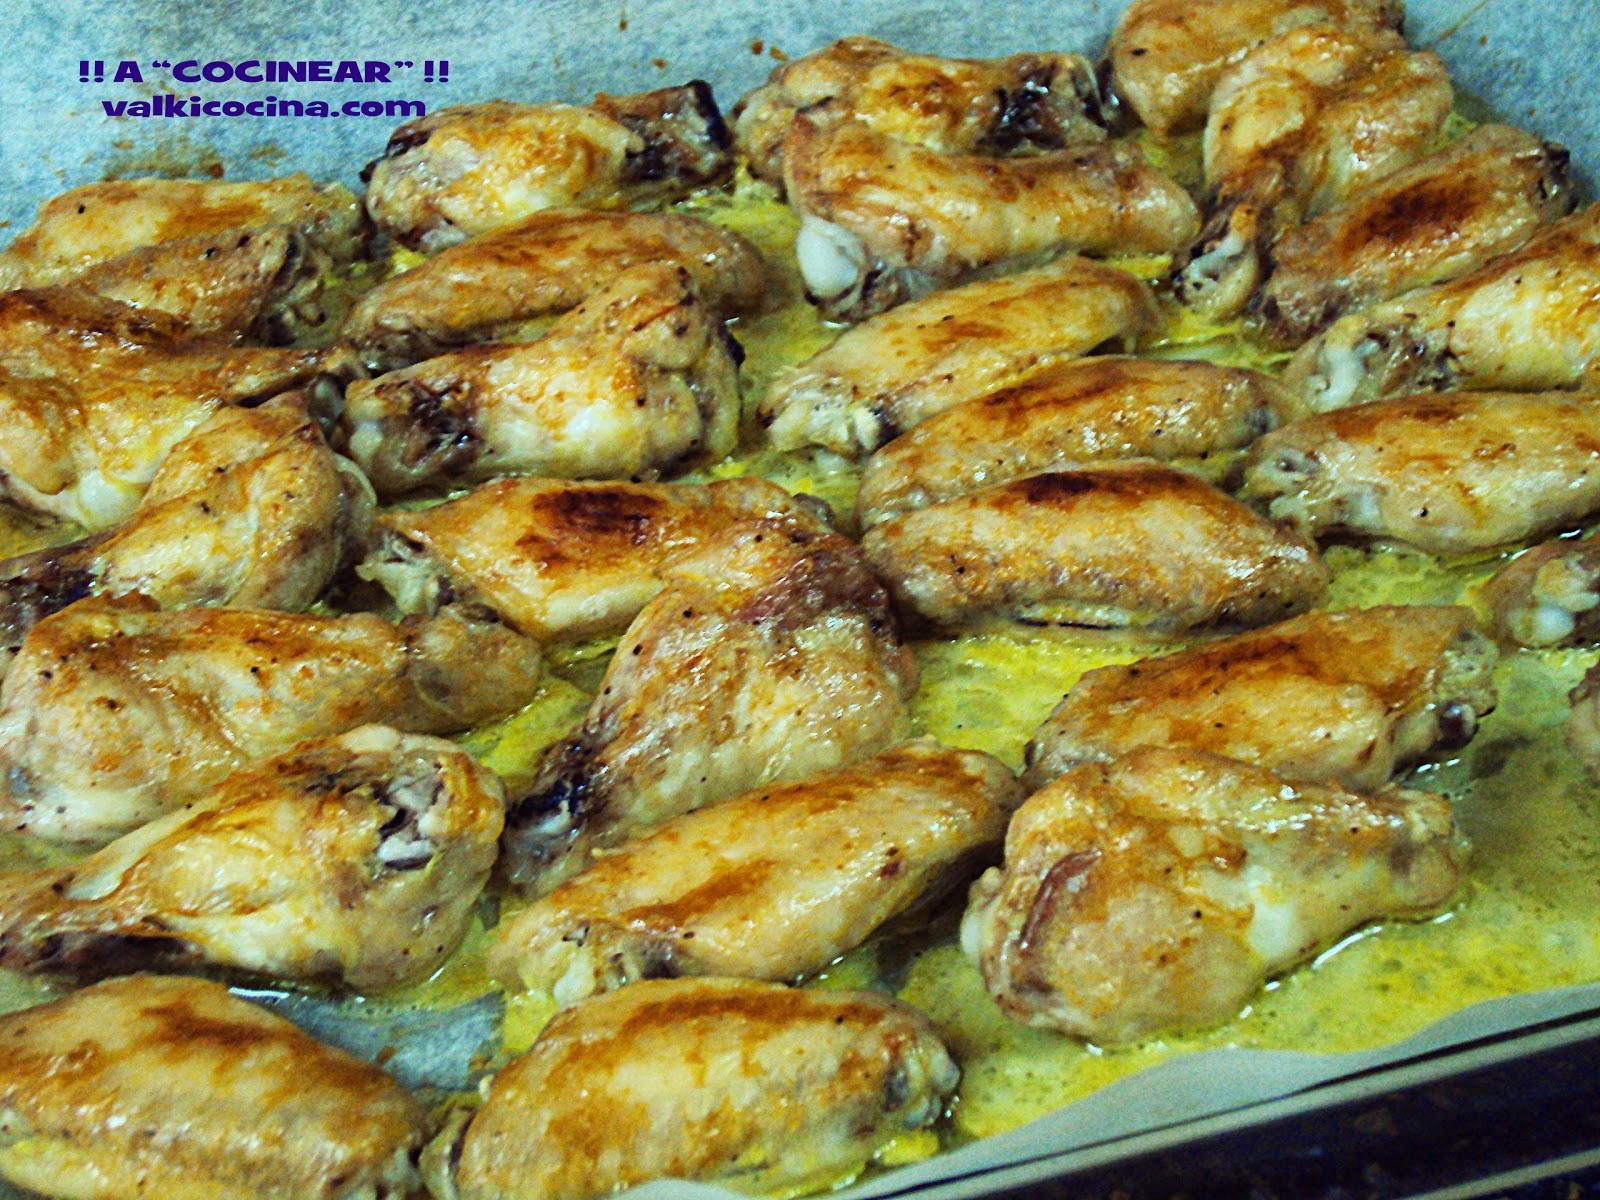 Alitas de pollo al horno con curry a cocinear for Cocinar 2 muslos de pollo